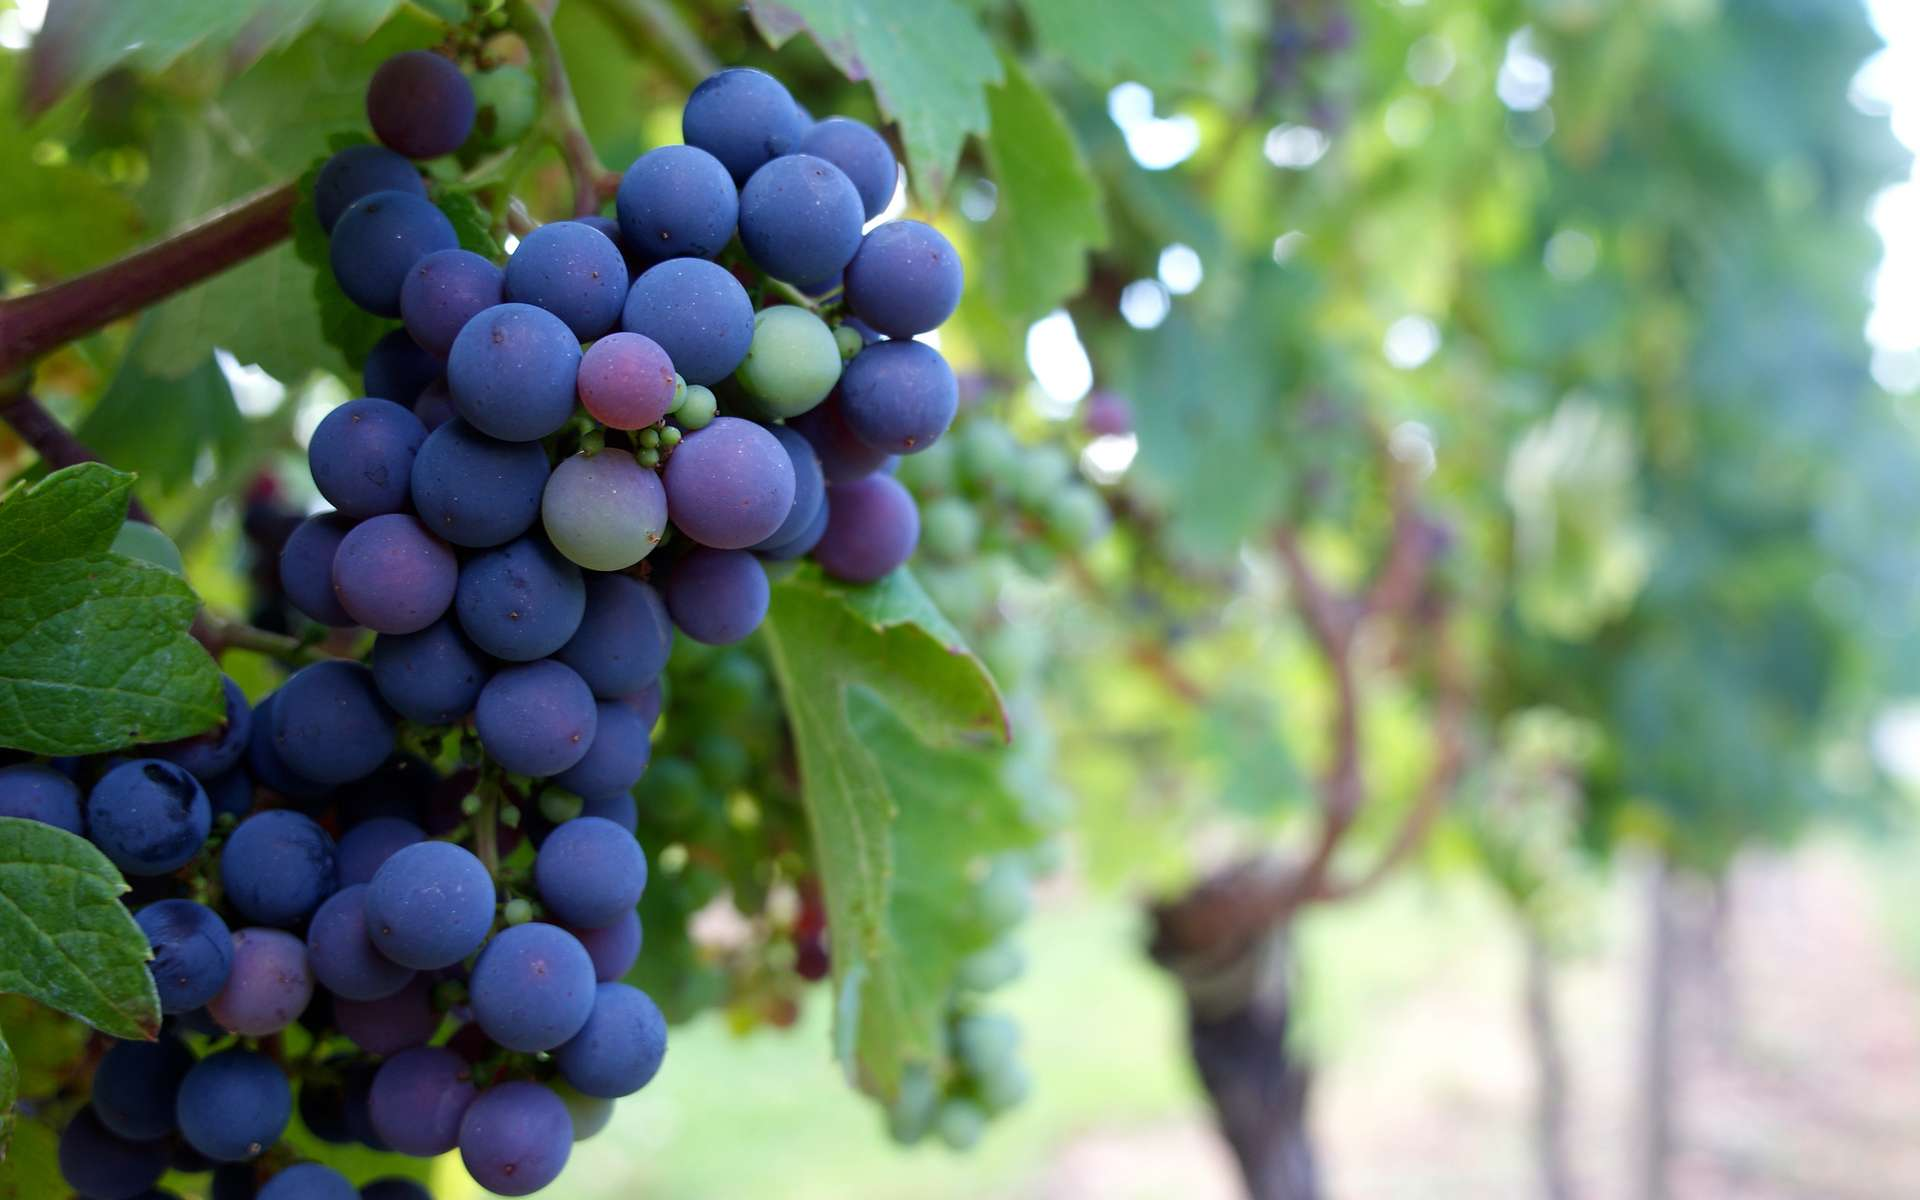 Les raisins sans pépin – qui ne sont pas vraiment sans pépin – sont obtenus par hybridation de plants de vigne puis par multiplication végétative. © GUERIN Henri, Flickr, CC by 2.0